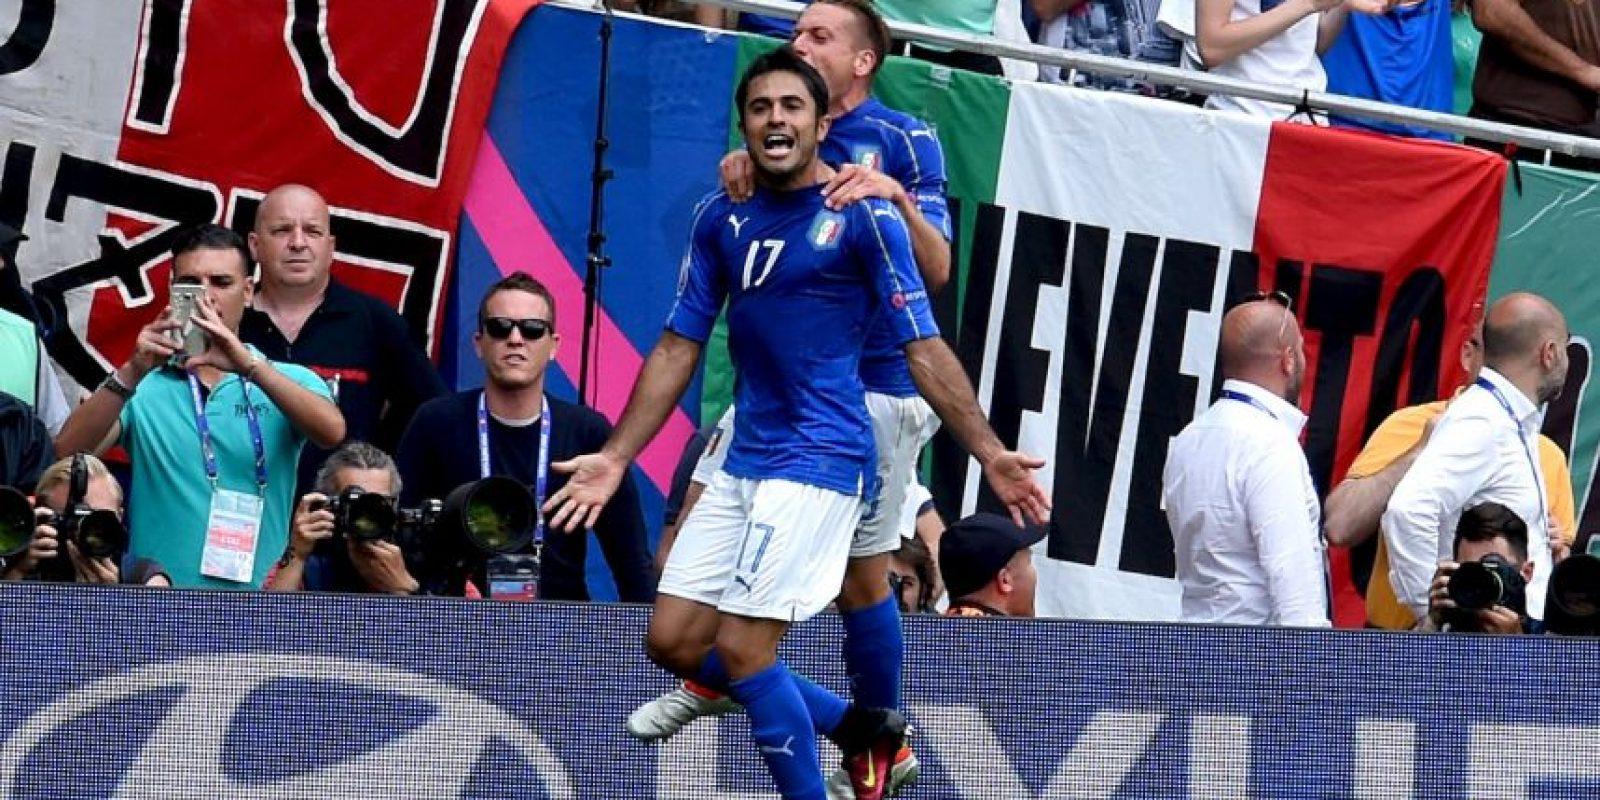 Italia parece llegar mejor posicionada a los octavos de final Foto:Getty Images